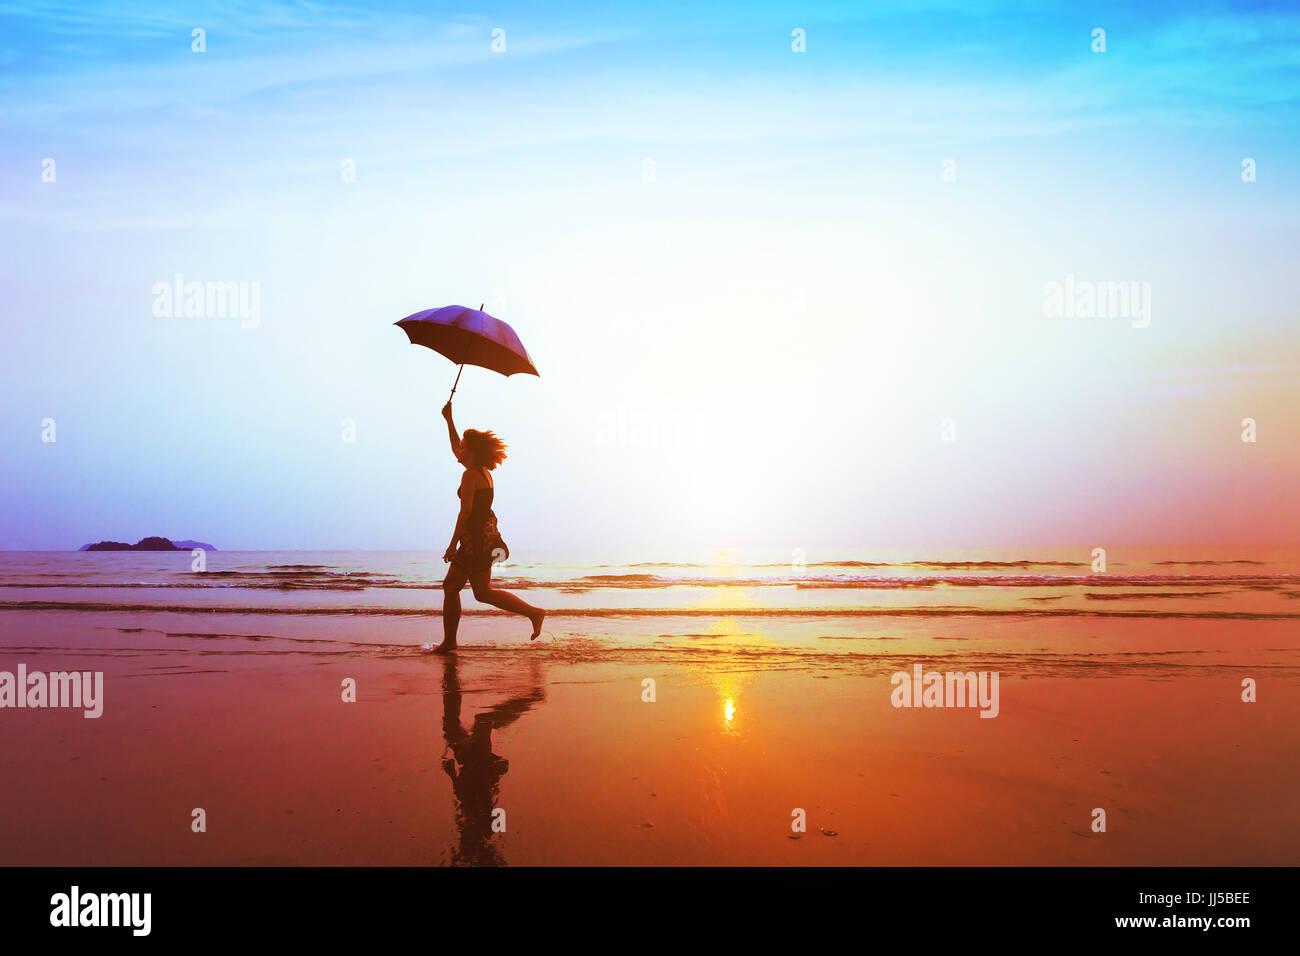 Silueta de niña despreocupada, feliz saltando con sombrilla en la playa al atardecer, libertad y alegría, Imagen De Stock